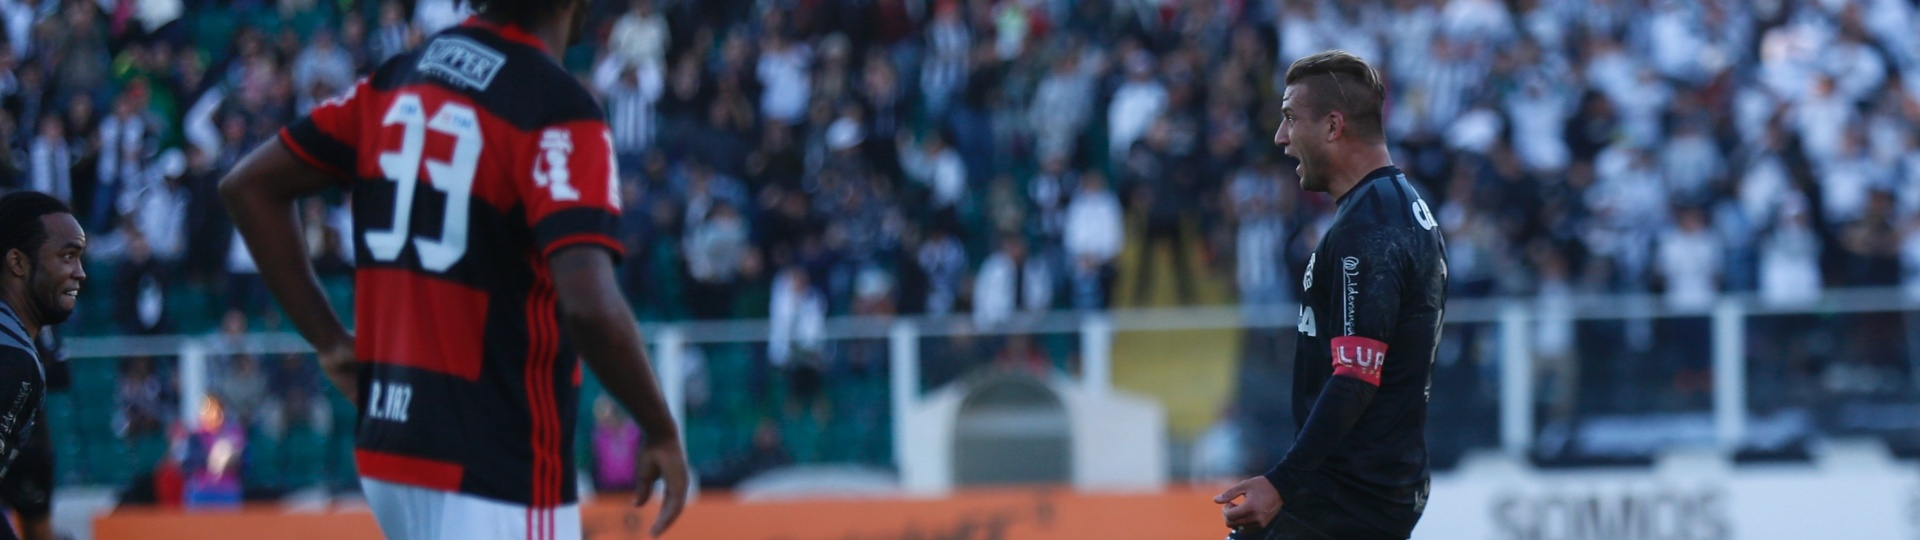 Rafael Moura comemora após abrir o placar para o Figueirense contra o Flamengo pelo Campeonato Brasileiro